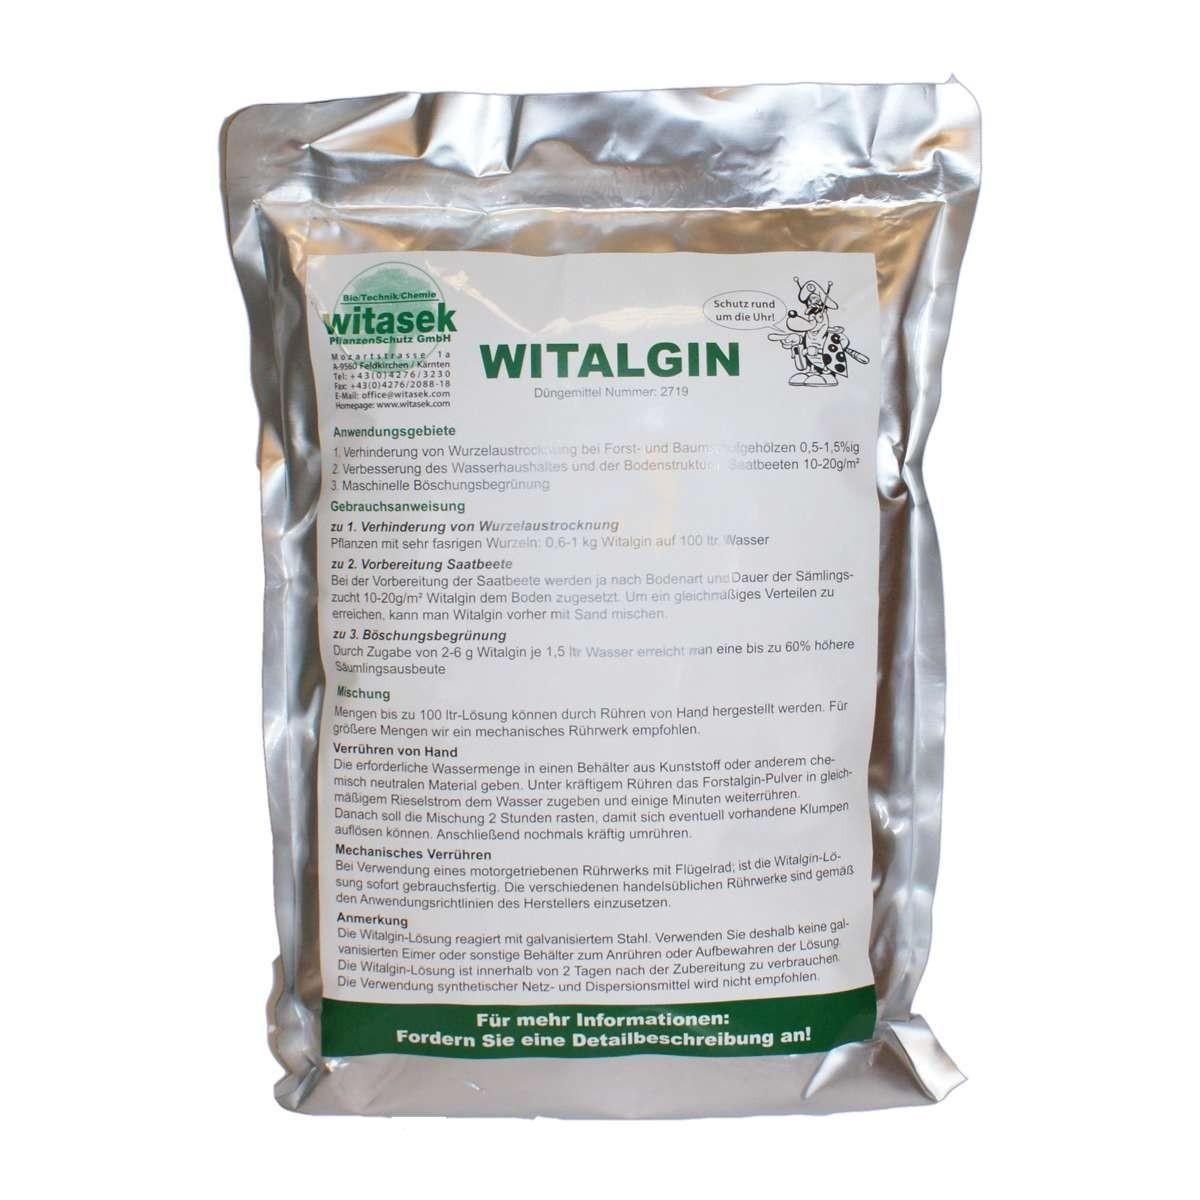 Witalgin (Forstalgin)